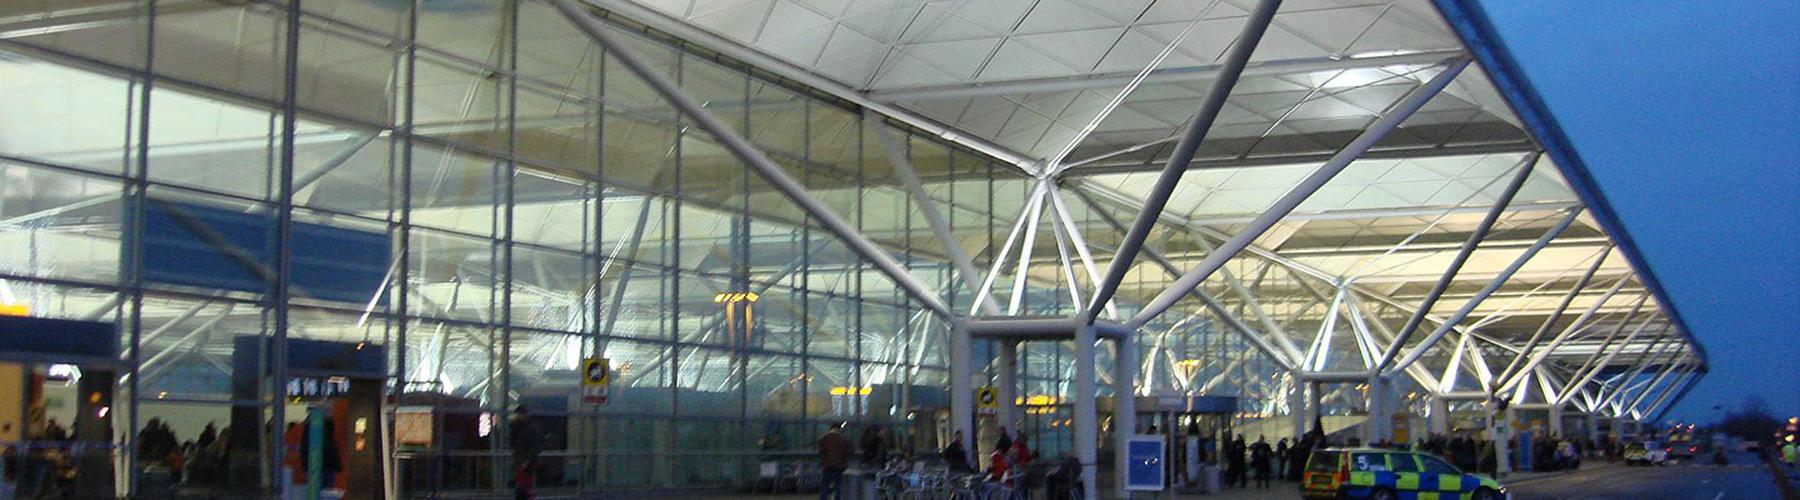 런던 - 런던 스탠스테드 공항와 가까운 호스텔. 런던의 지도, 런던에 위치한 호스텔 사진 및 후기 정보.